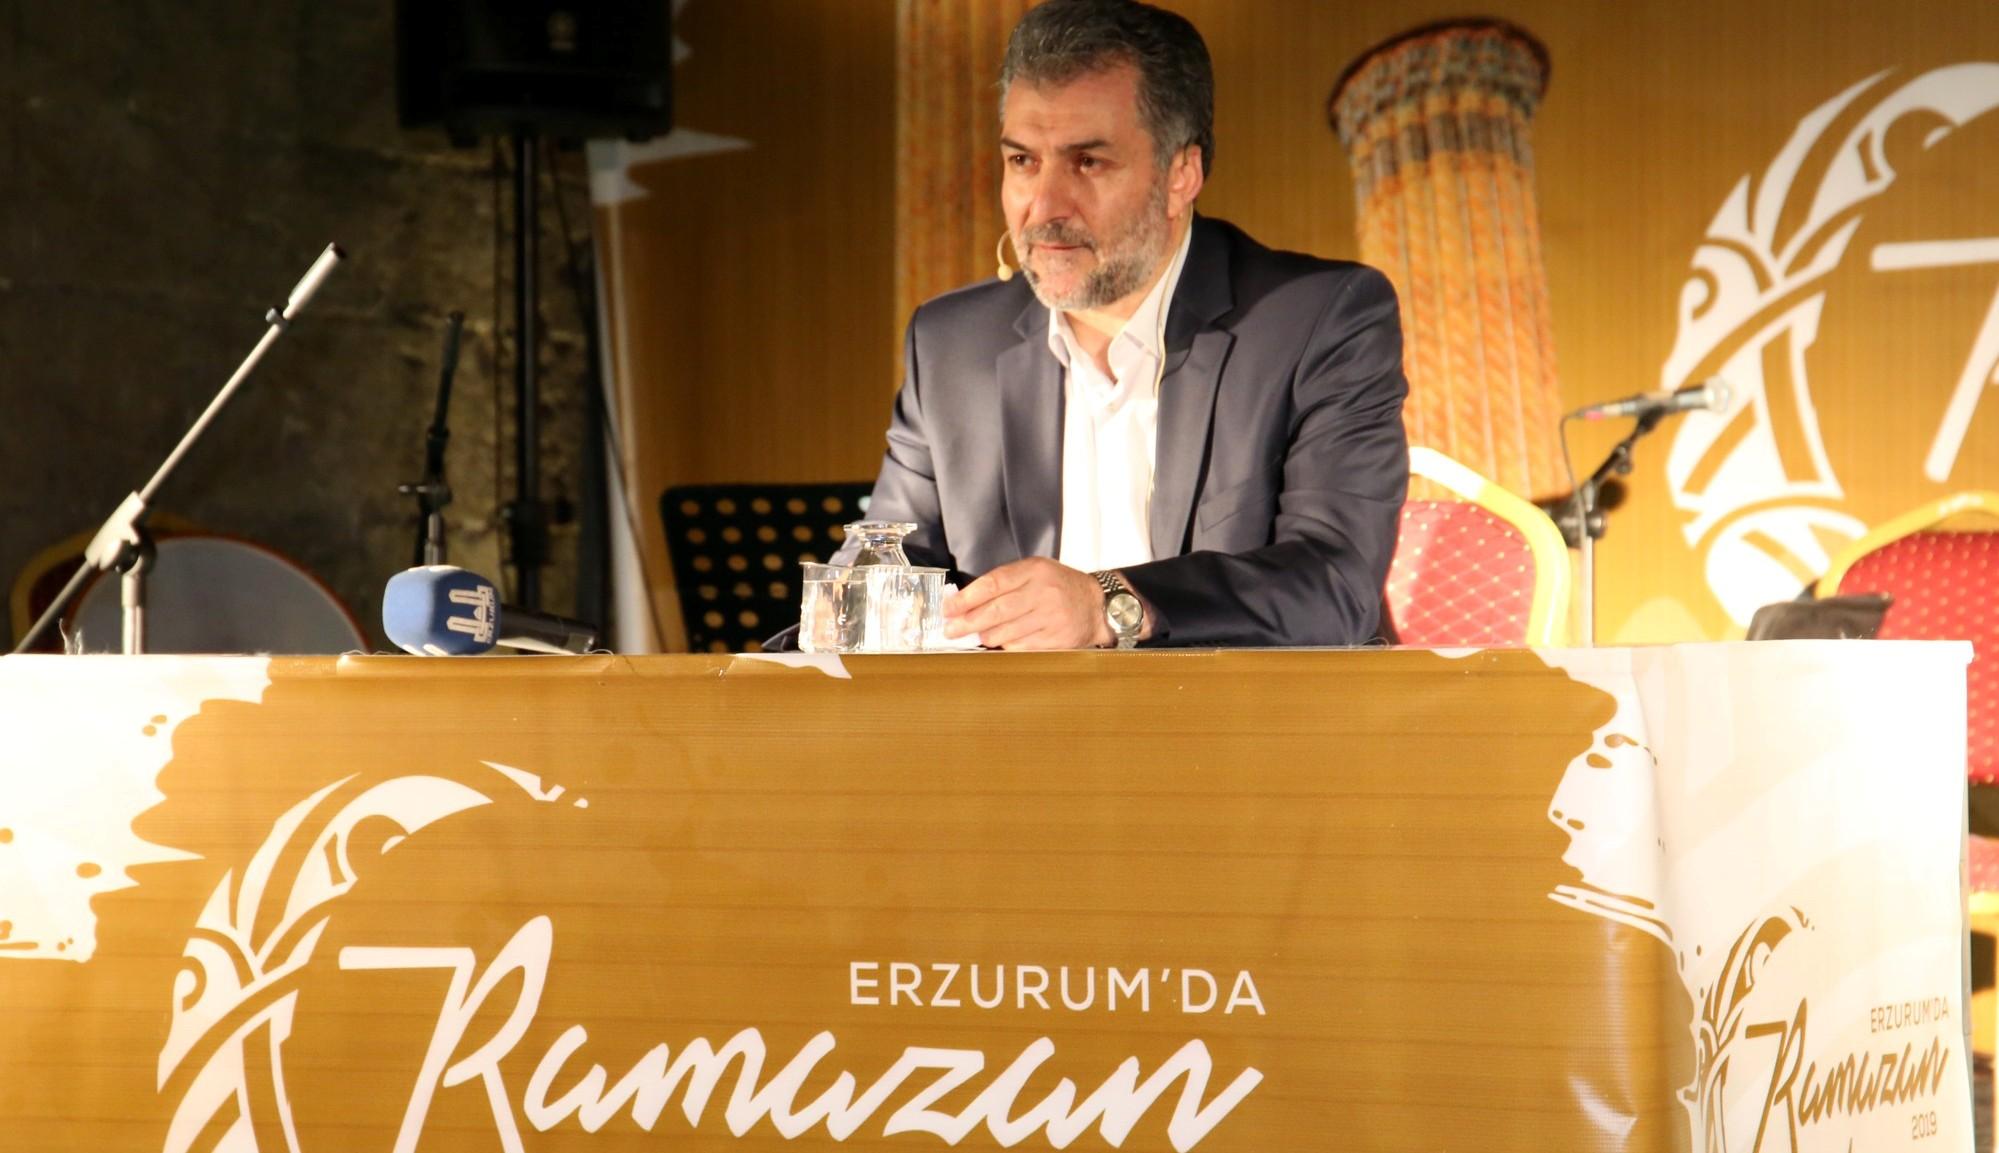 Erzurum'da ramazan etkinlikleri doludizgin